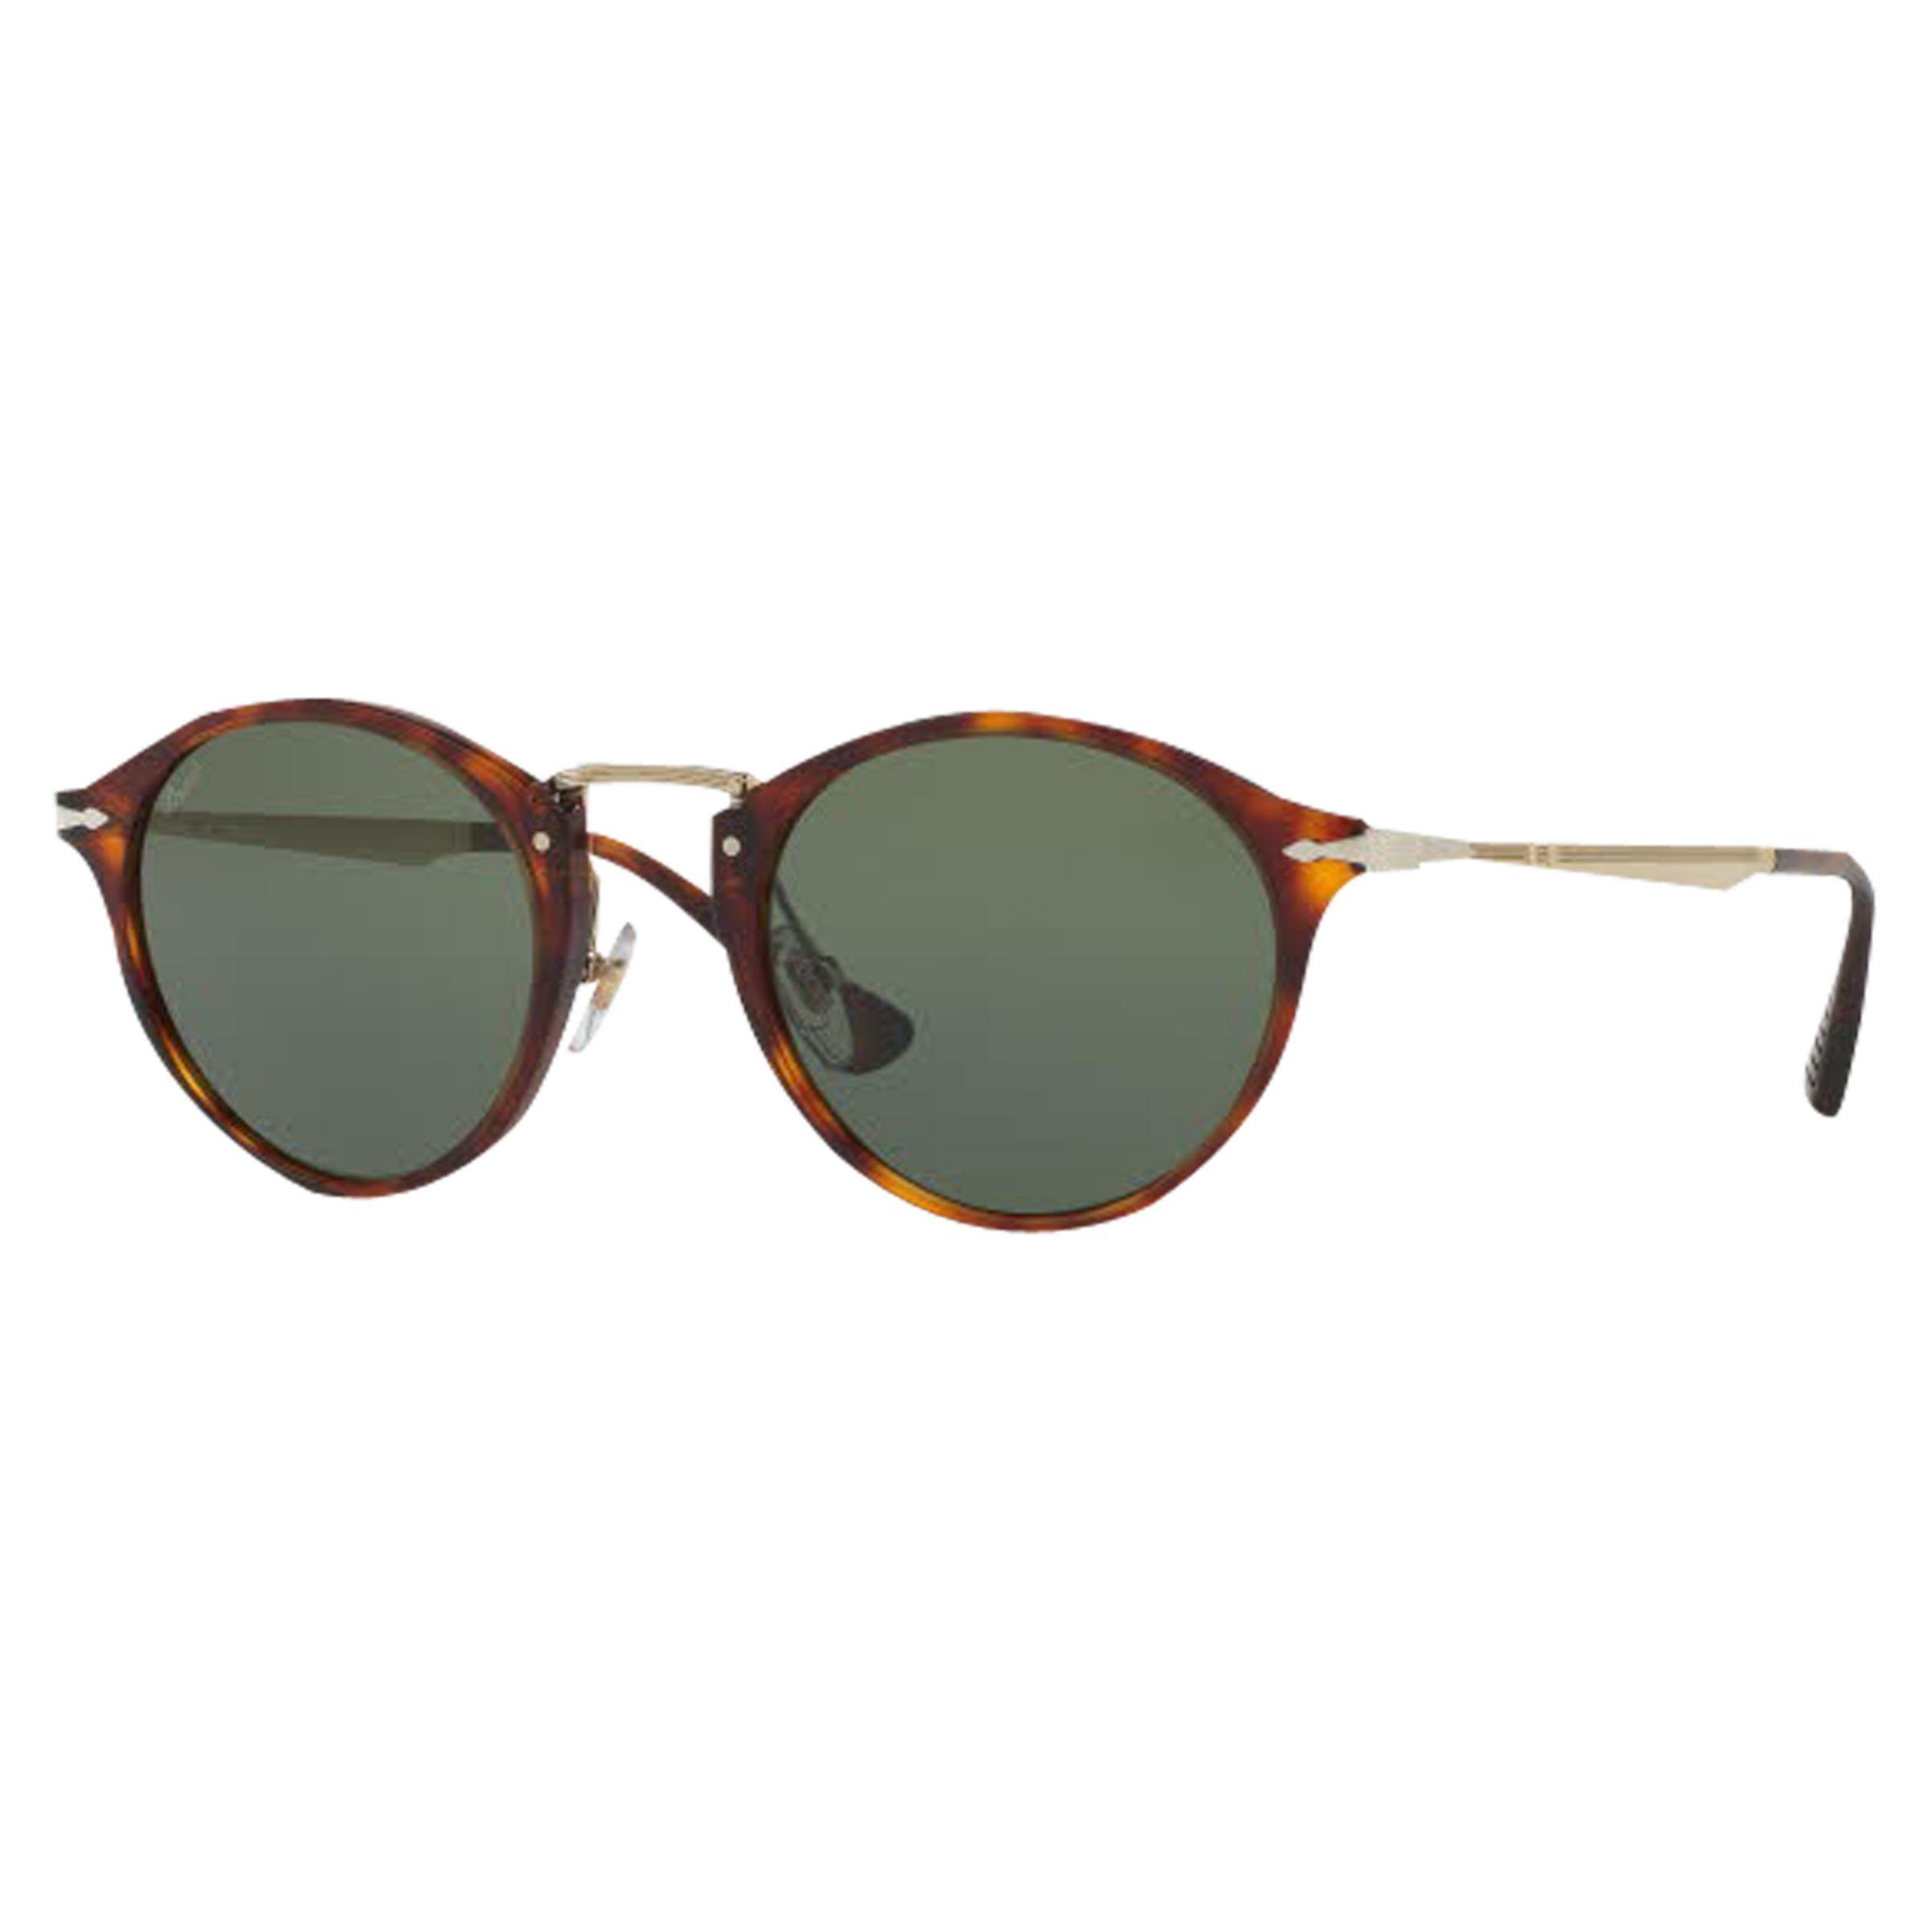 Persol Persol PO3166S Calligrapher Edition Oval Sunglasses, Tortoise/Dark Green